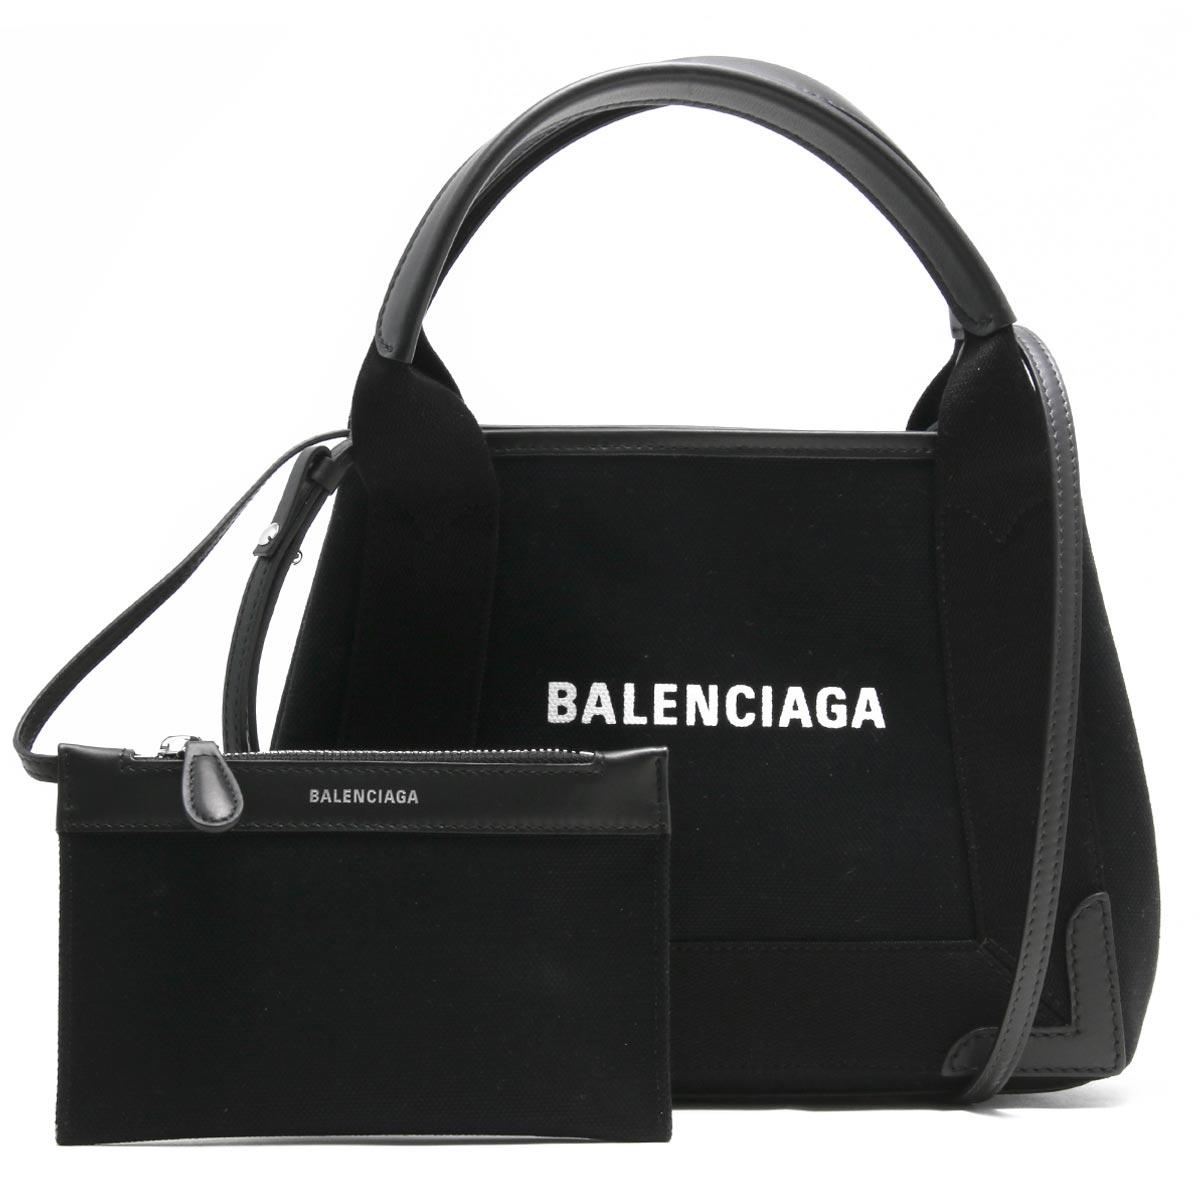 [送料無料][あす楽対応]バレンシアガ BALENCIAGA バッグ トートバッグ 390346 AQ38N 1000 【新品】 【X'masSALE】バレンシアガ トートバッグ/ショルダーバッグ バッグ レディース ネイビーカバス XS ブラック 390346 AQ38N 1000 BALENCIAGA